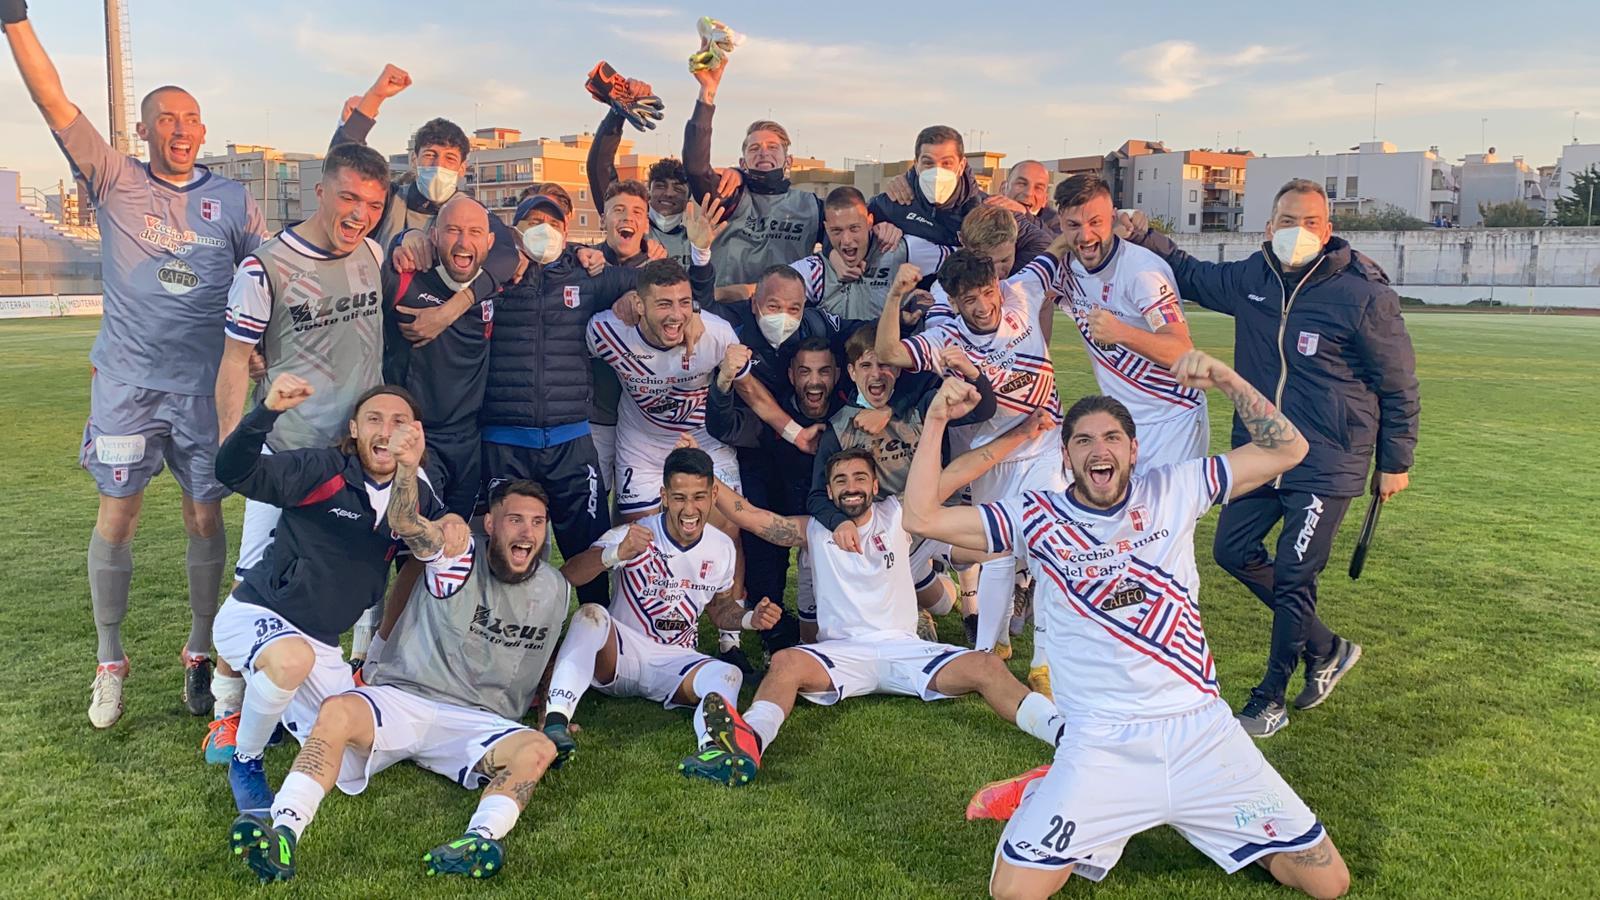 BISCEGLIE - VIBONESE 1-0 | La sconfitta più dolce: la Vibonese è salva immagine 17034 US Vibonese Calcio